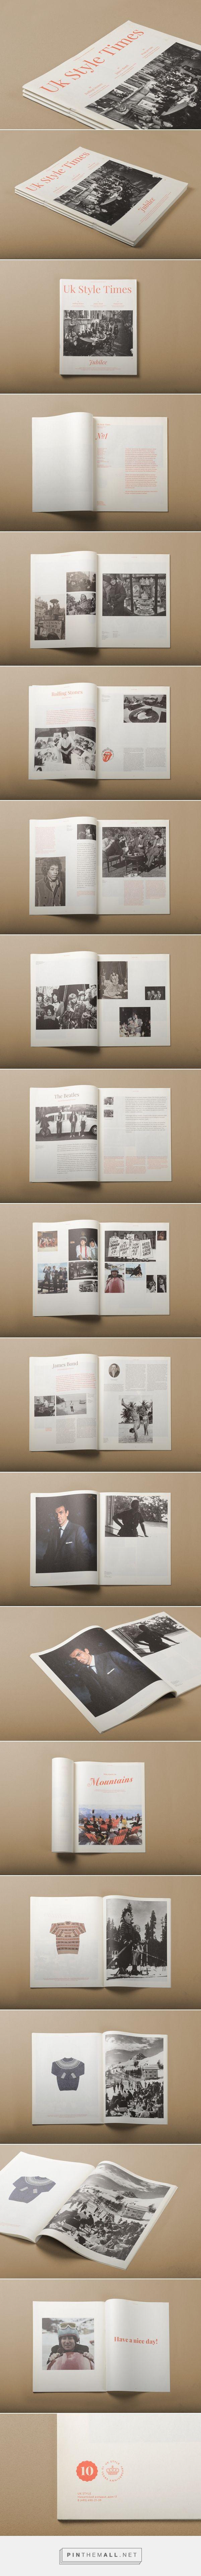 https://www.behance.net/gallery/15631555/UK-Style-Custom-Publishing